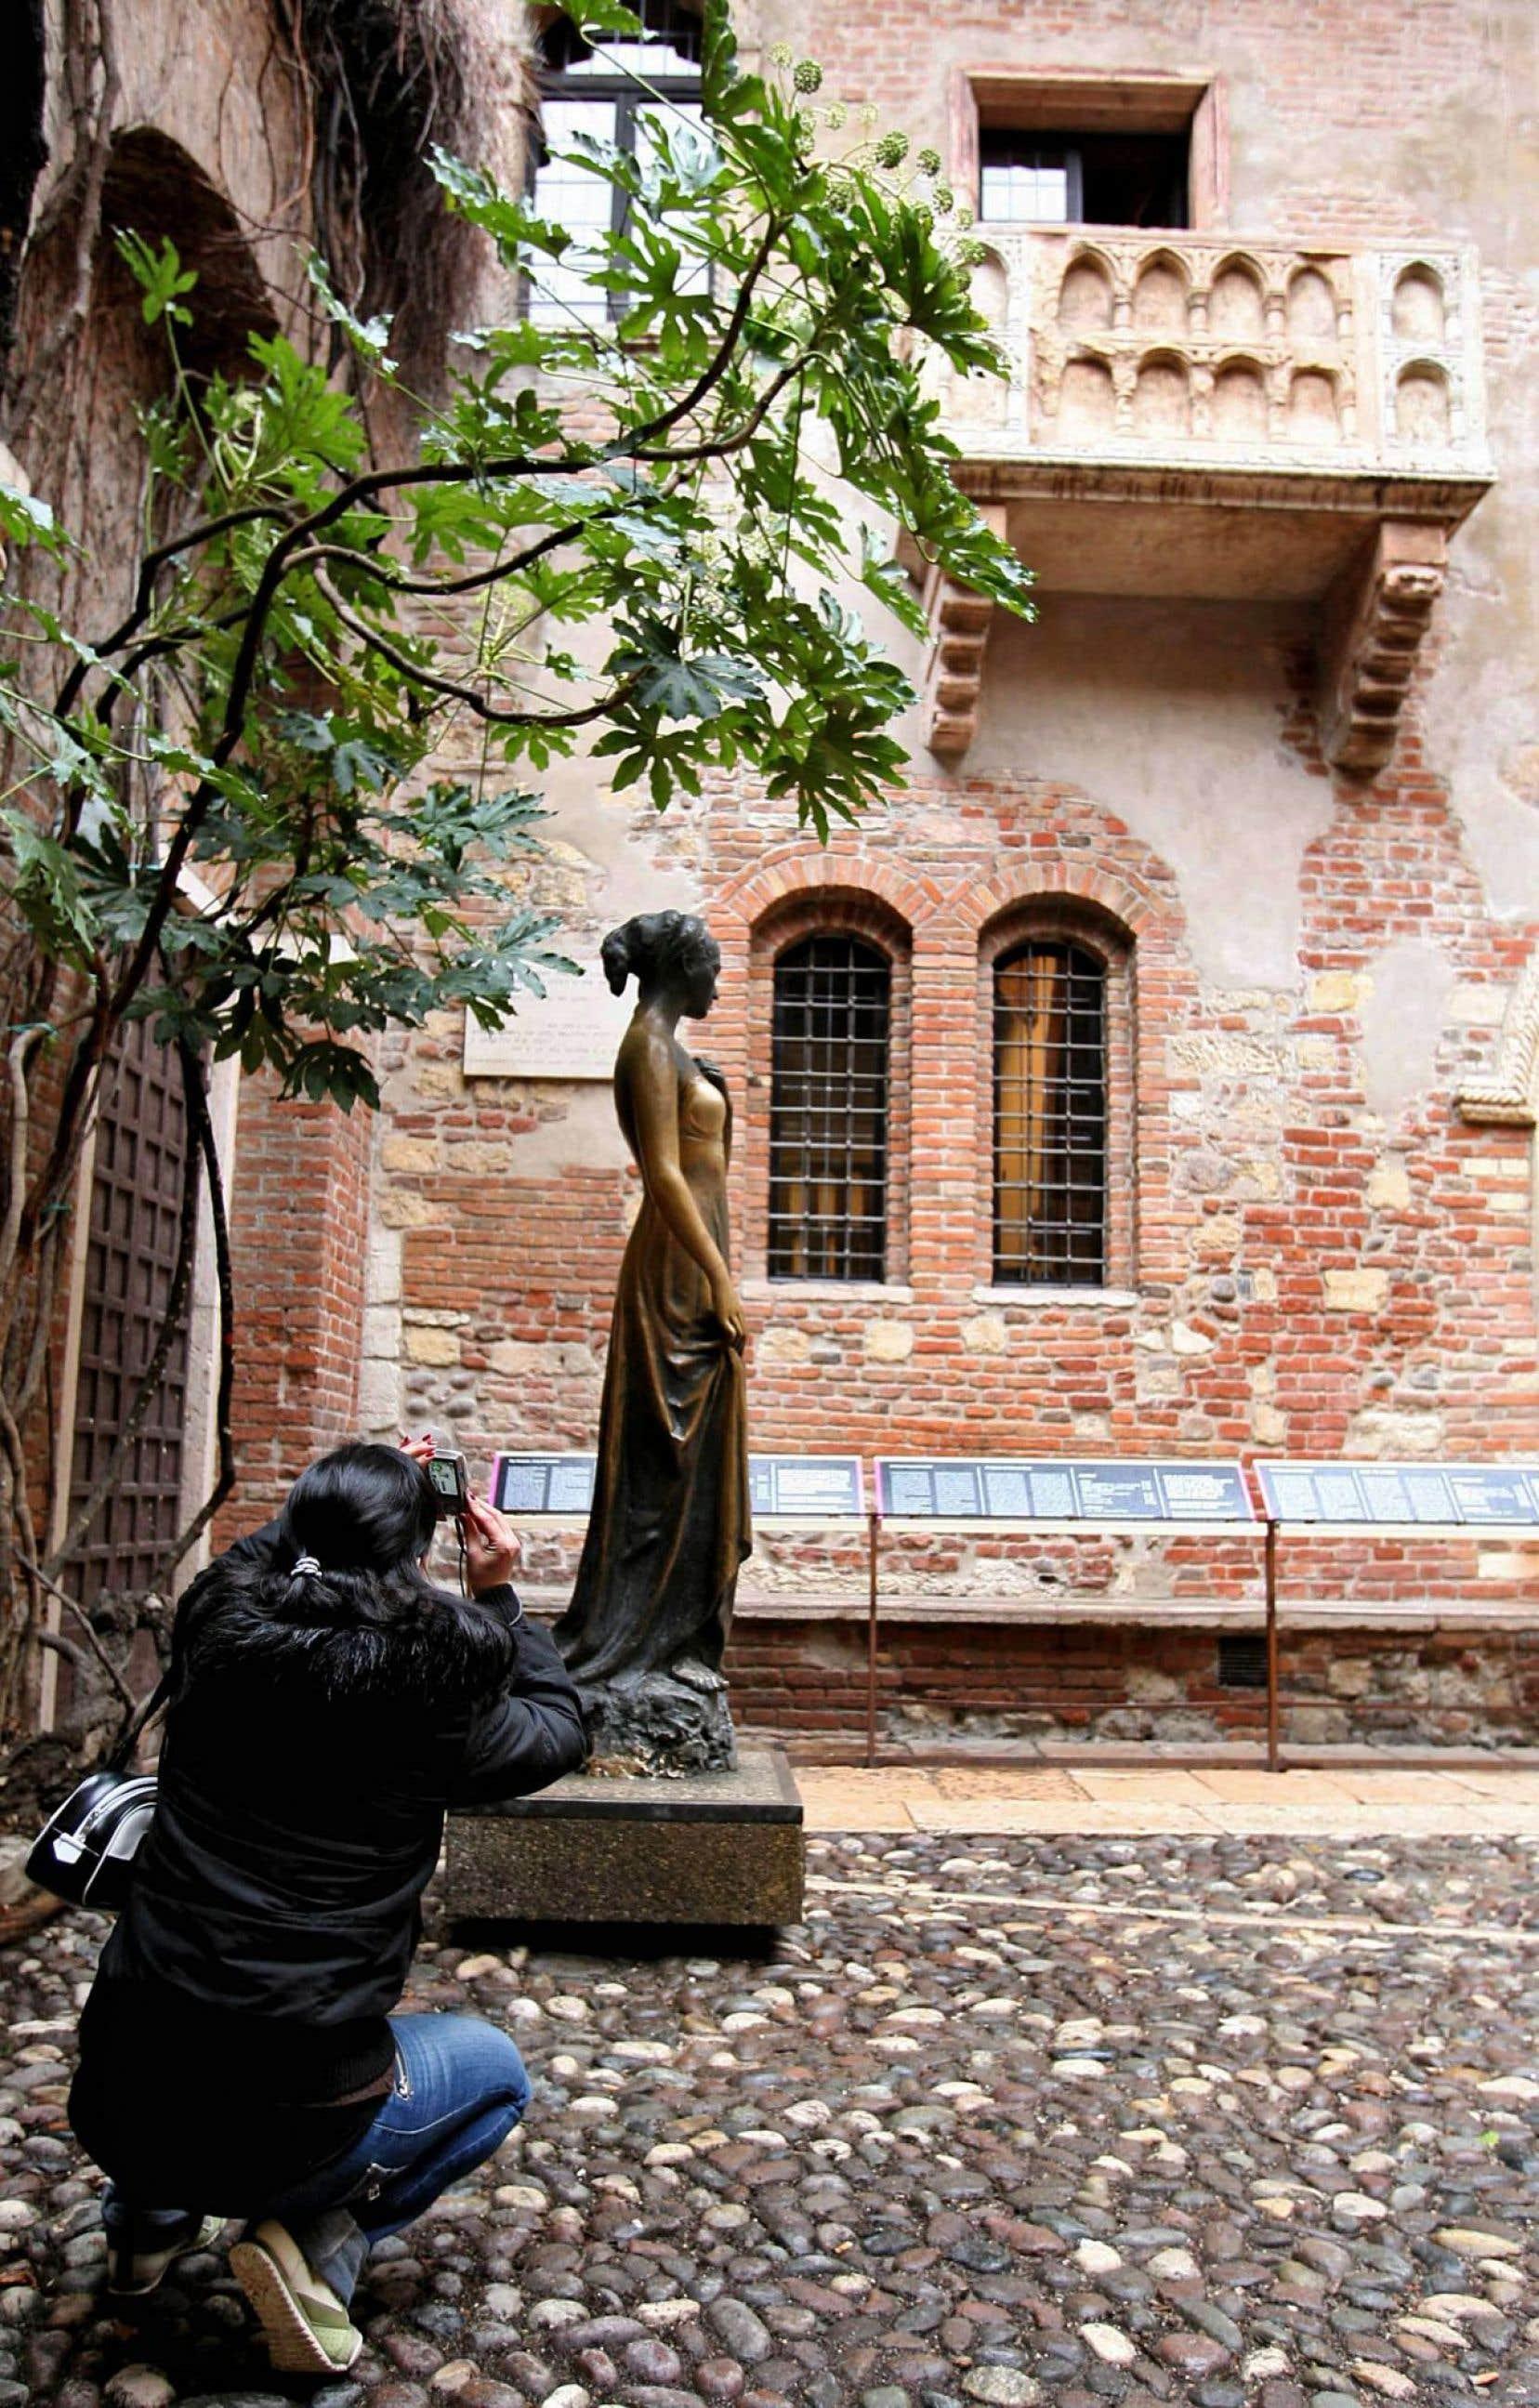 Dans le centre de la ville de Vérone, en Italie, un visiteur prend une photo du balcon de Juliette Capulet. Et son Roméo?